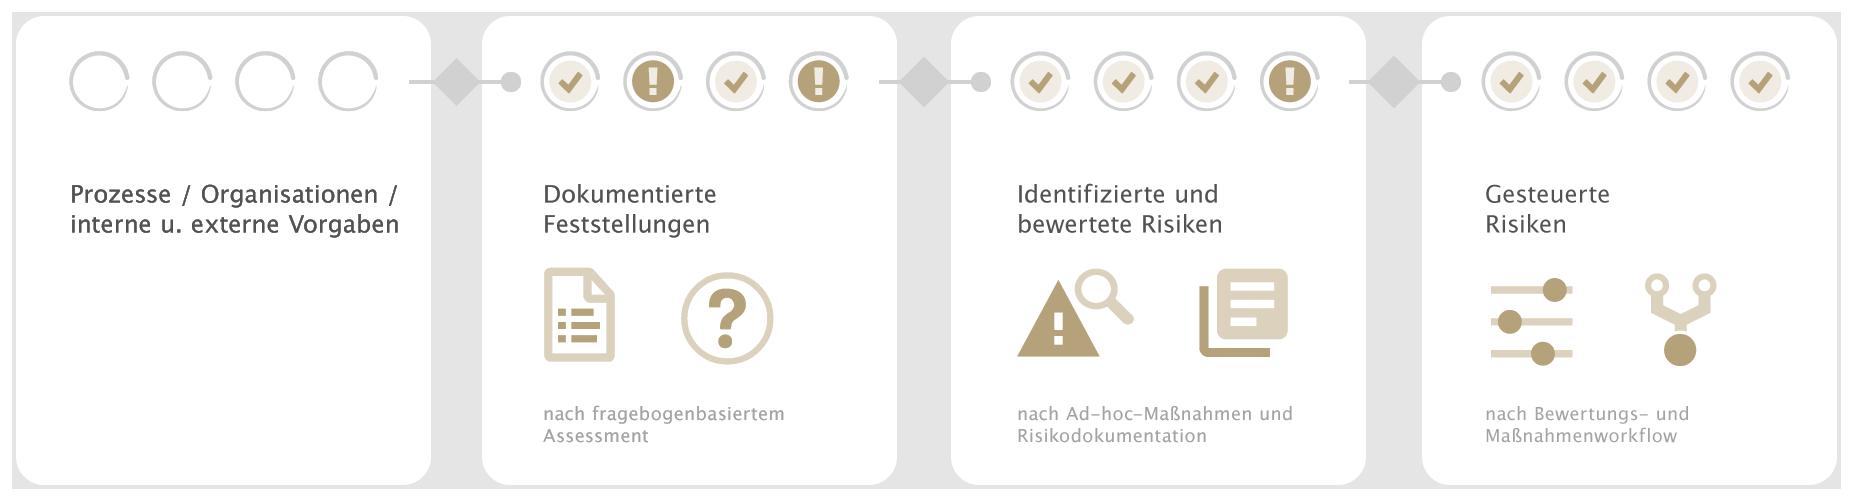 otris software - Risikomanagement